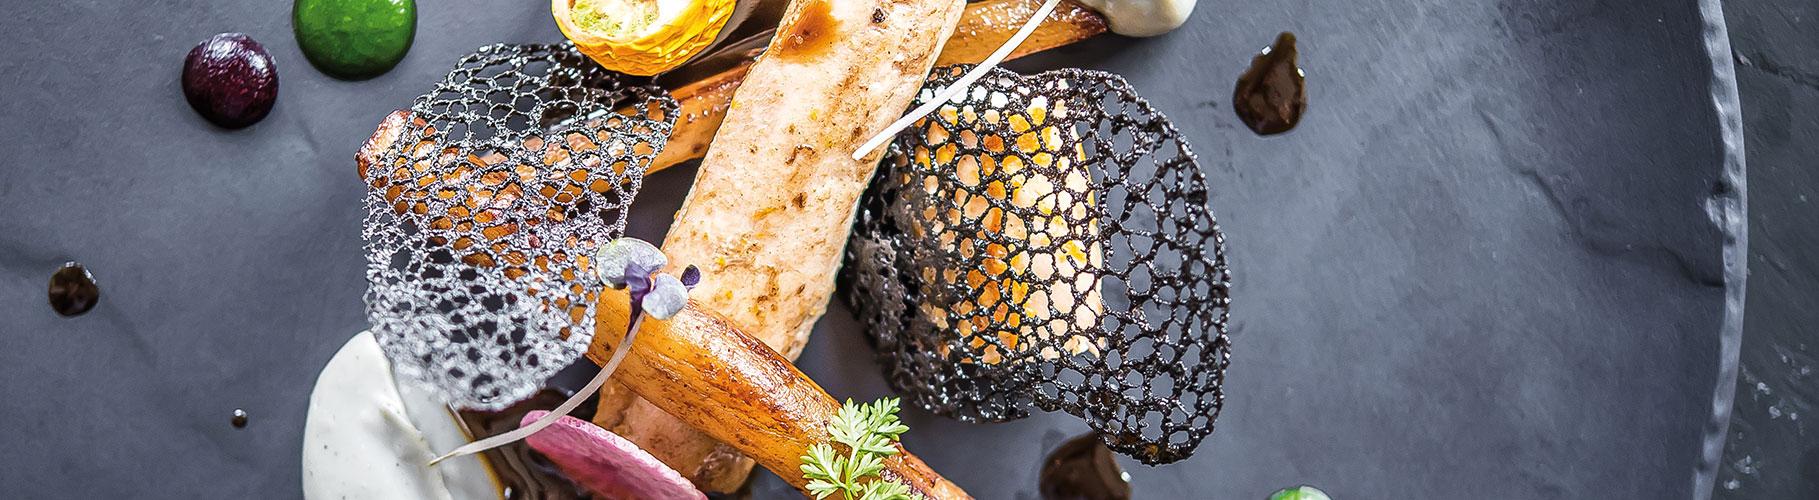 gastronomia-malaga